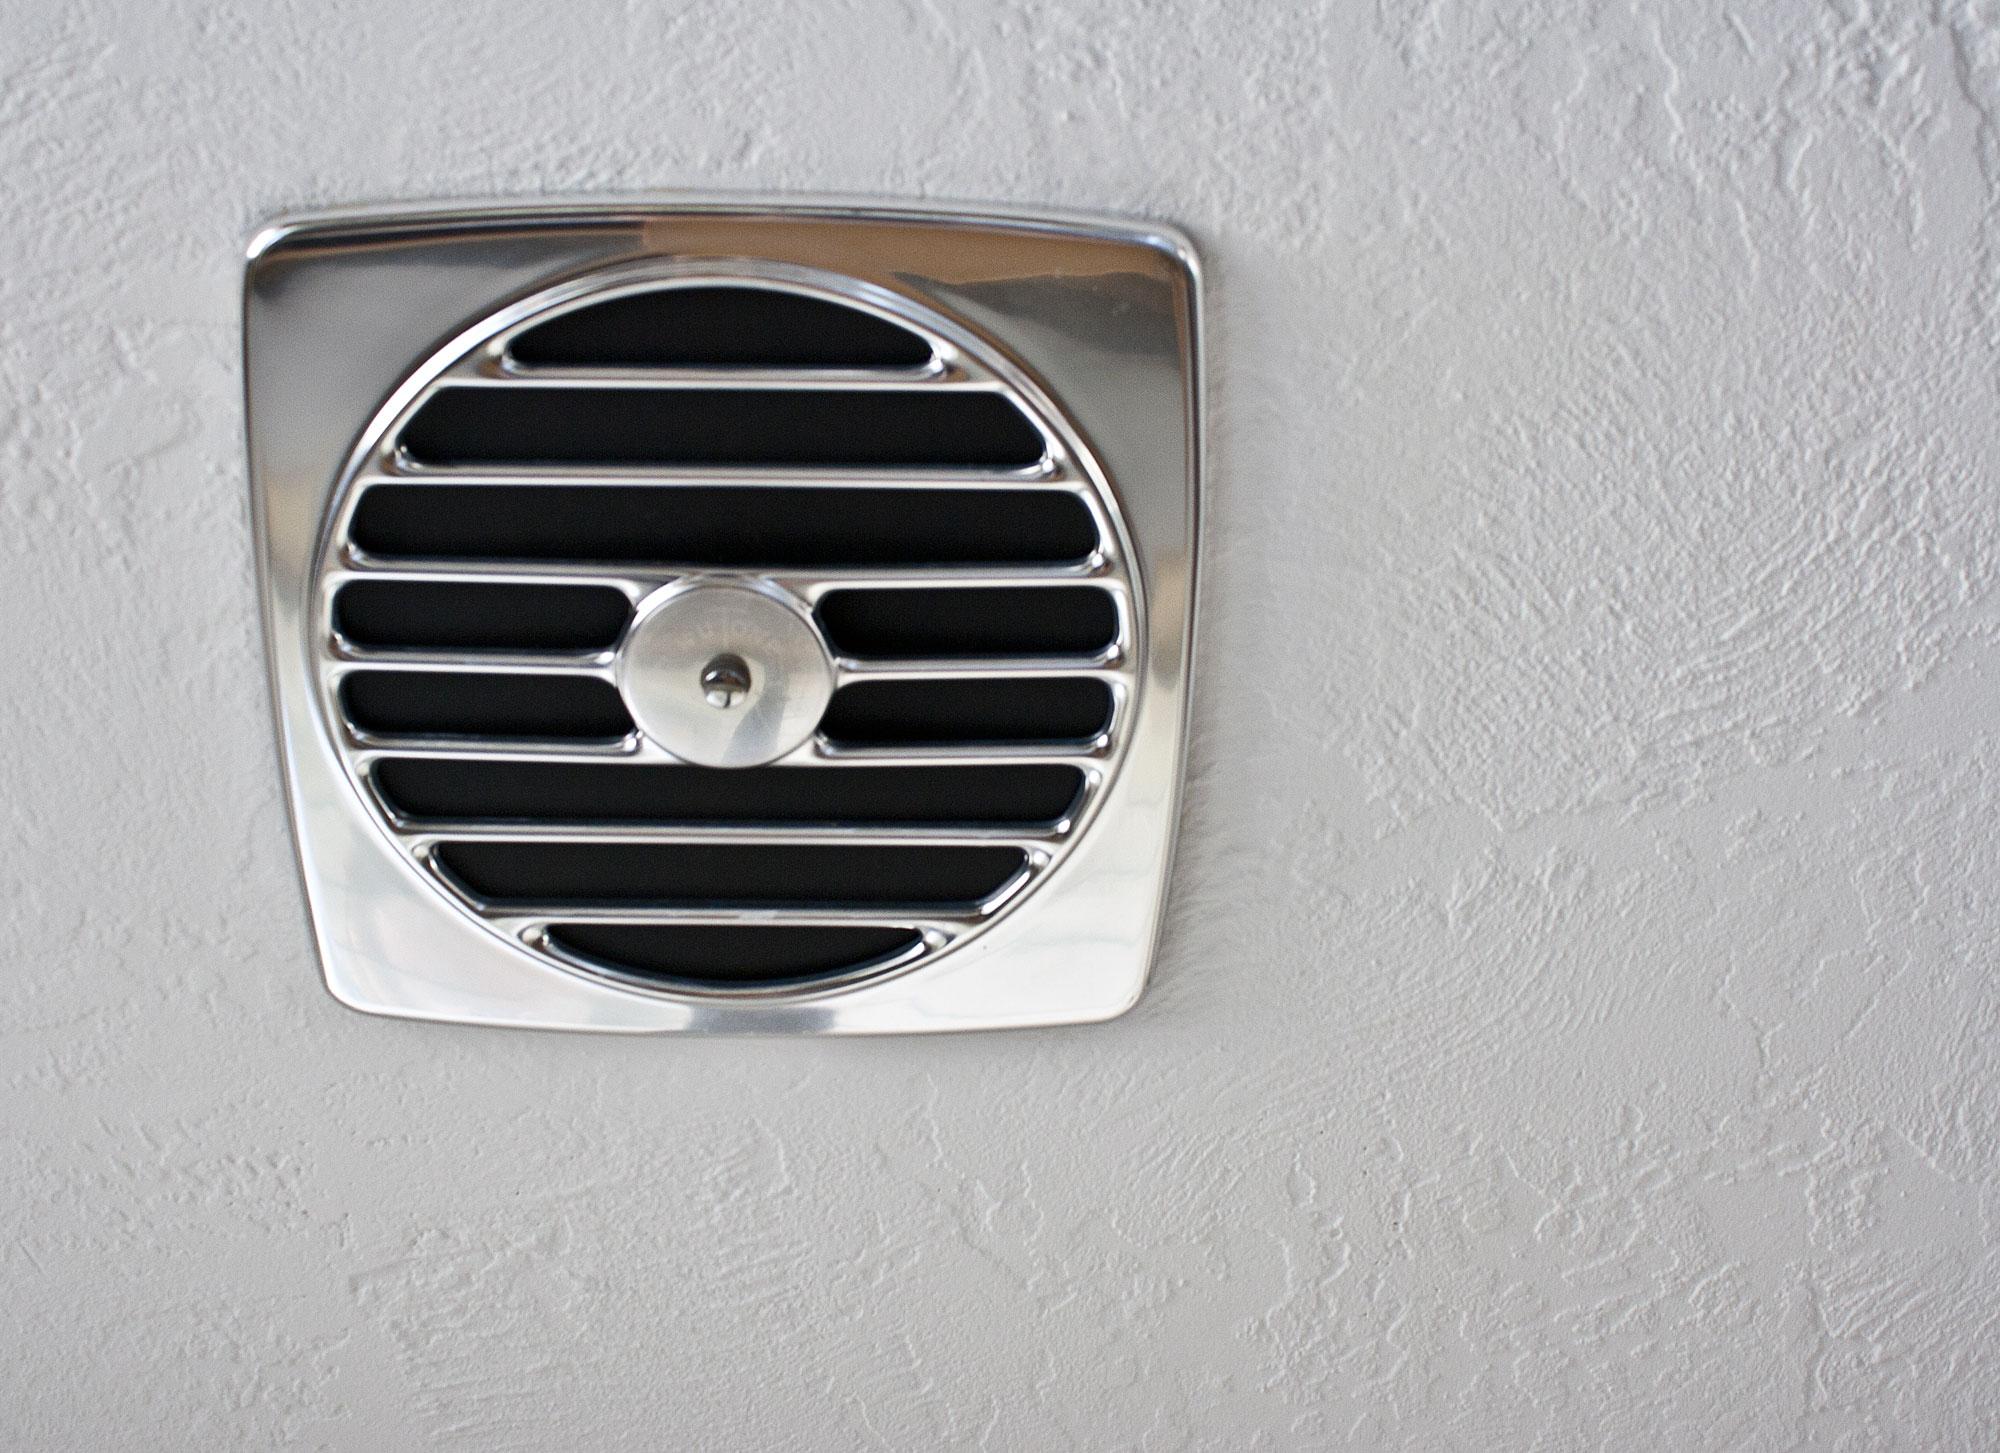 Terrazzo Floors Kibster Vintage Terrazzo Floors Kibster Vintage From Nutone  Kitchen Exhaust Fan, Image Source: ...